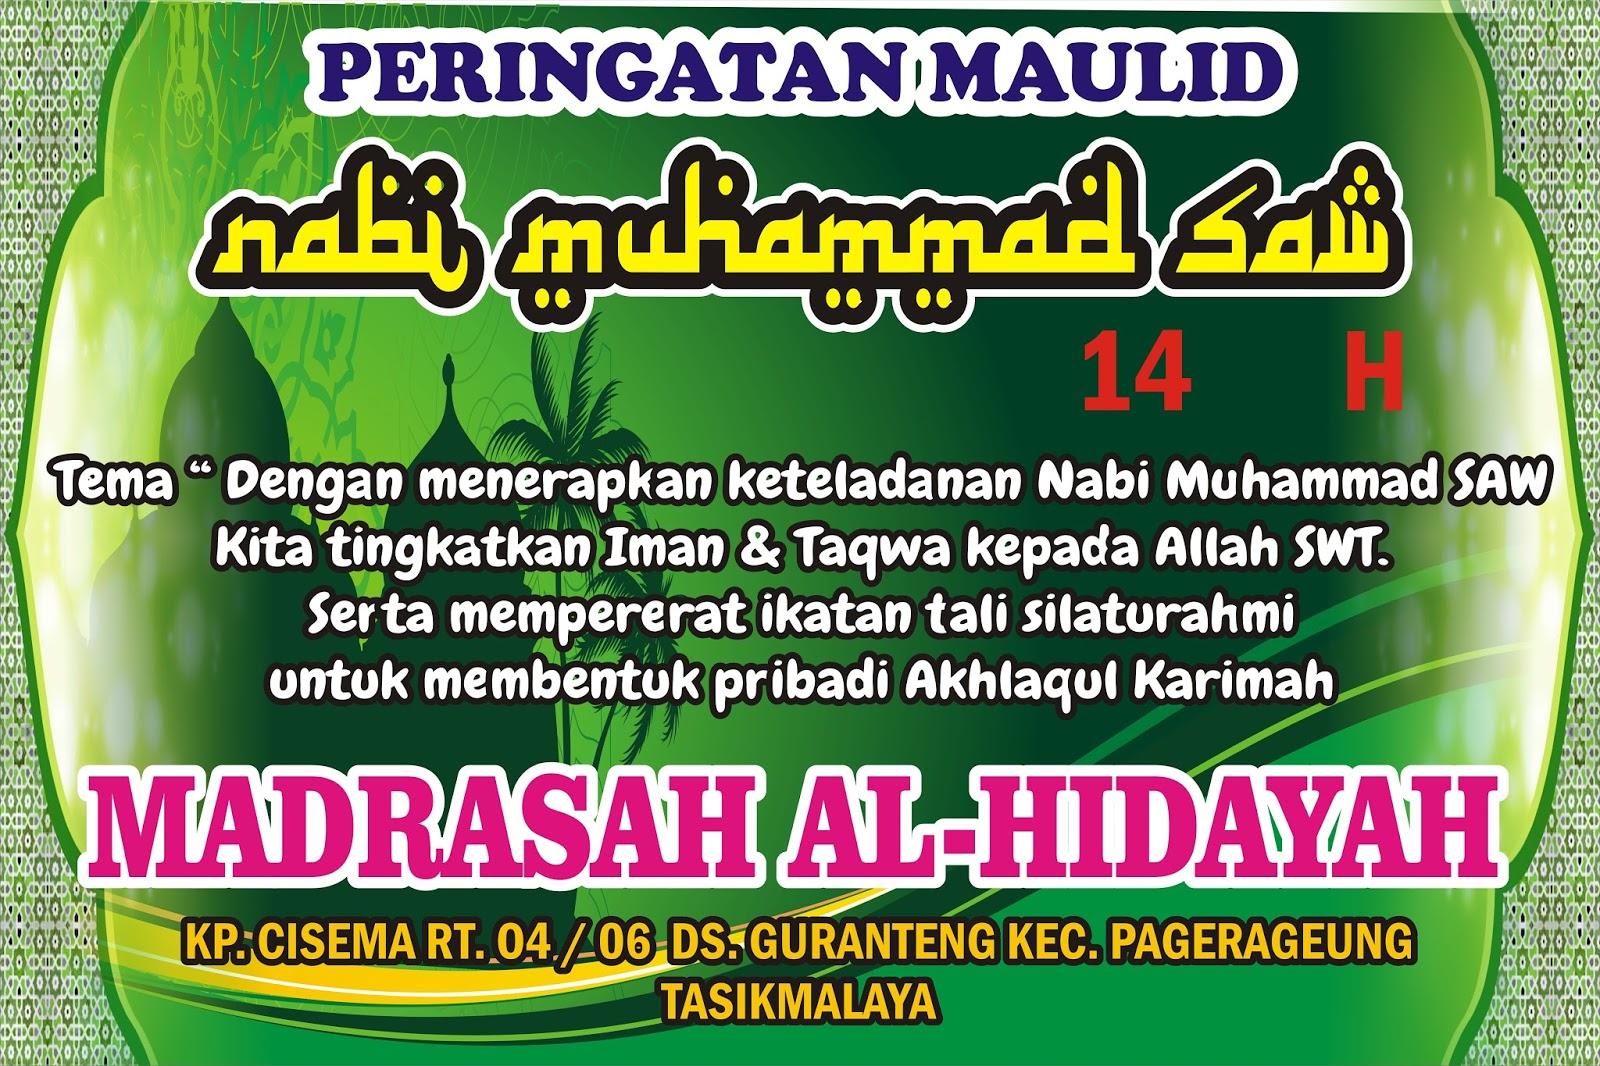 Download Contoh Spanduk Maulid Nabi.cdr | KARYAKU